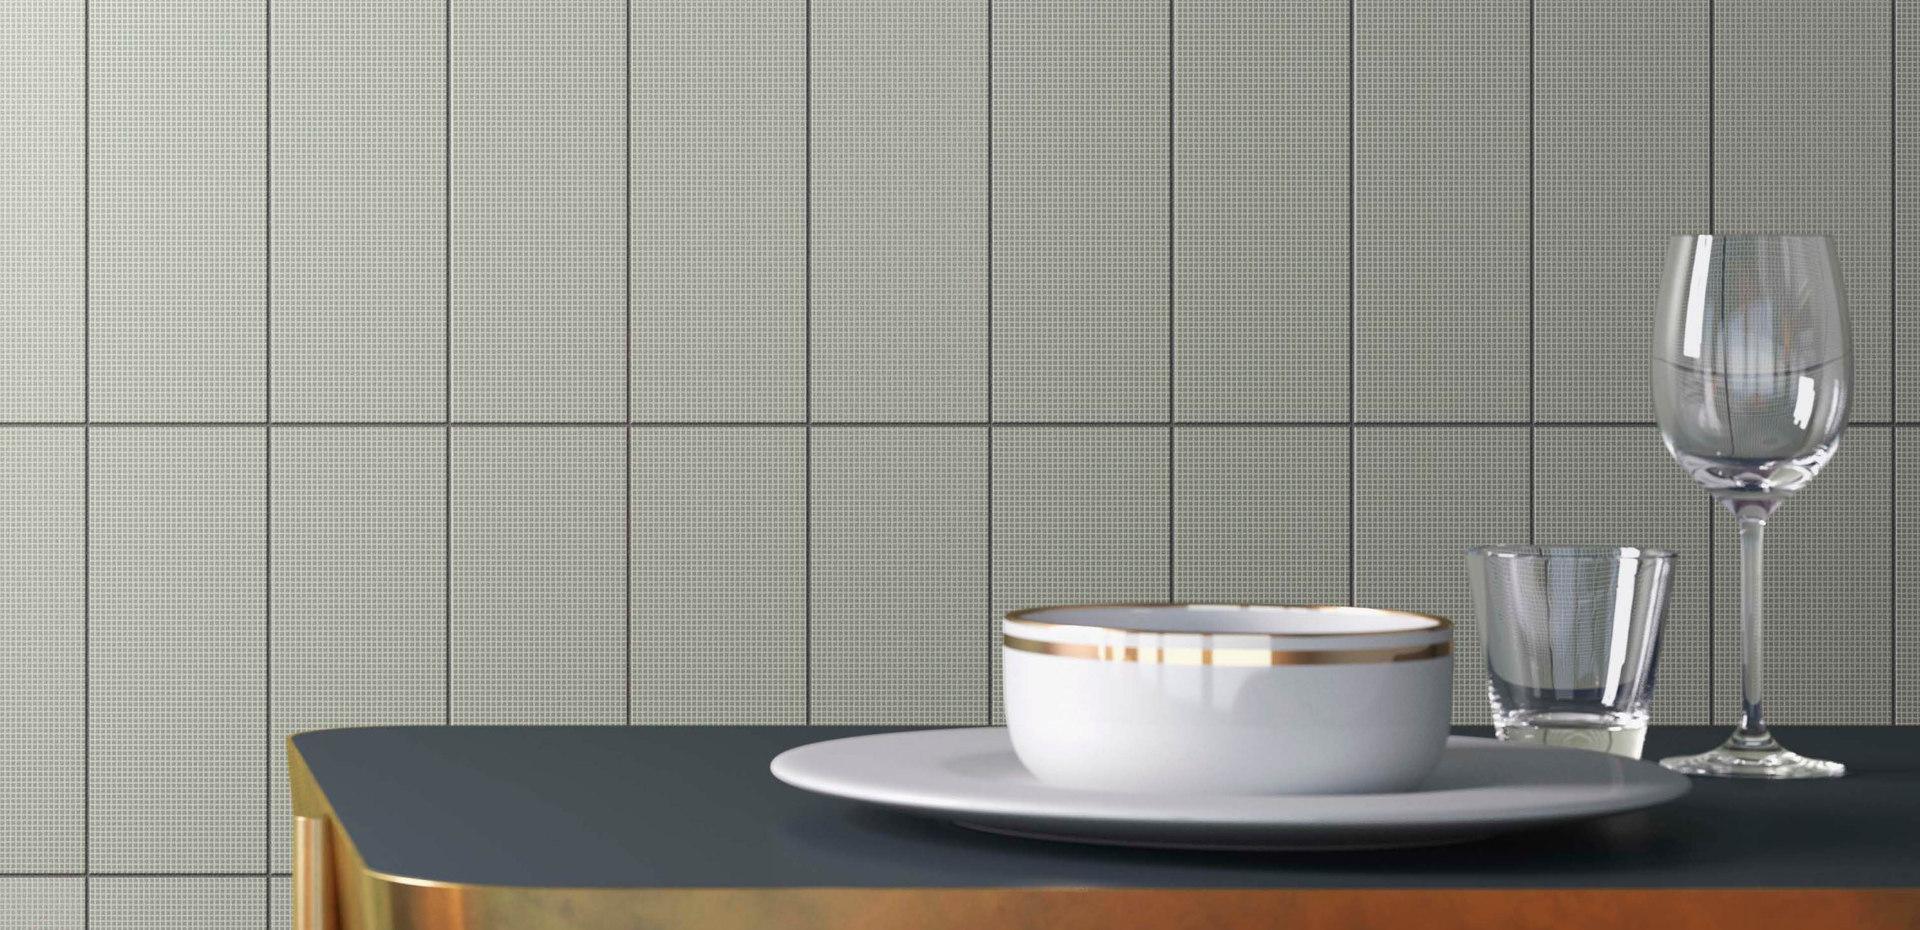 Ceramica vogue graph ceramiche con effetto geometrico for Ceramica vogue